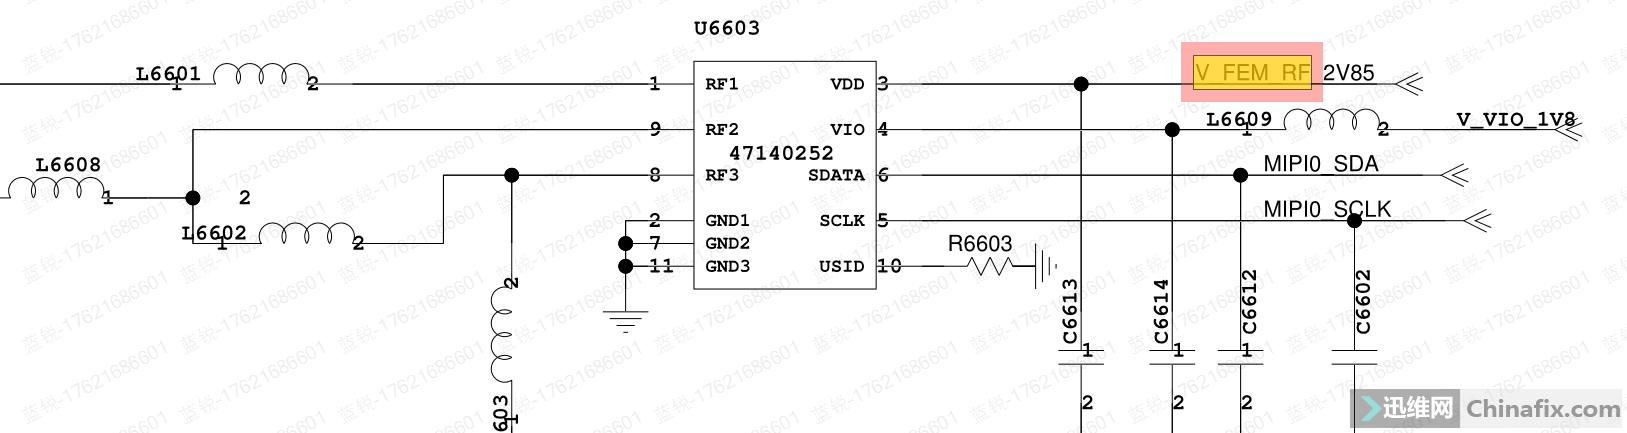 GXD]5J5CC1{R3)MW(}5V88T.png